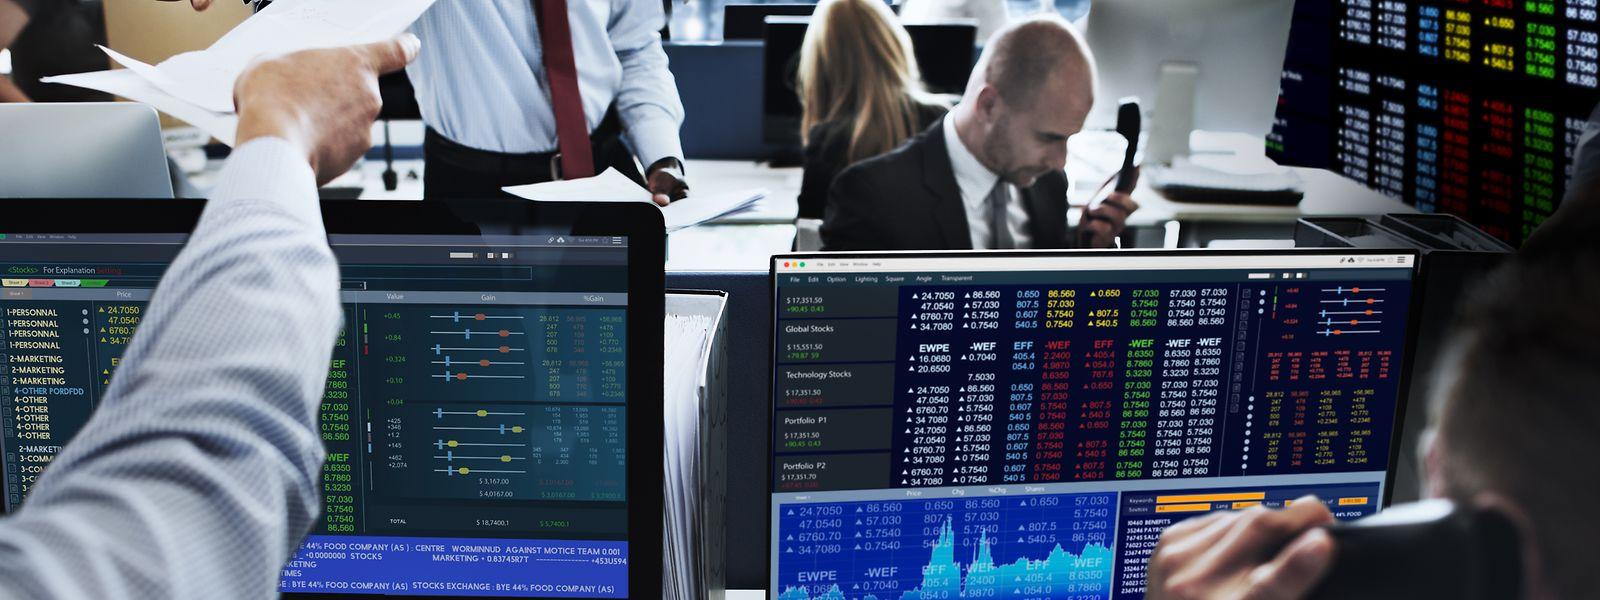 Das Fintech versteht sich als Trading Desk. In Filmen sitzen dort die hektischen Broker vor blinkenden Wertpapierkursen.